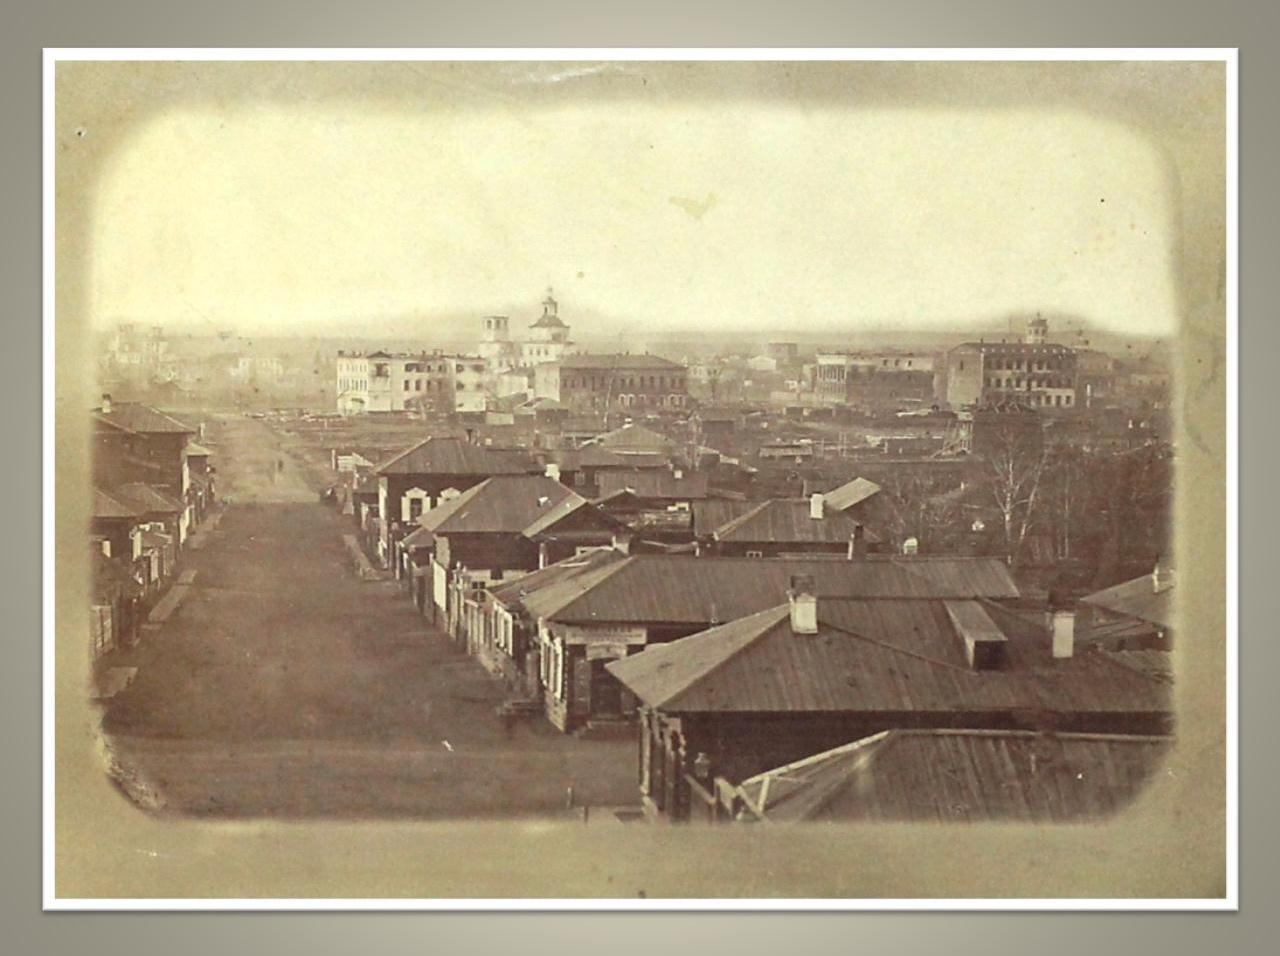 13. Вид сгоревшей части города 22-24 июня 1879 г. от 3-й Солдатской в сторону р. Ушаковки. 1879